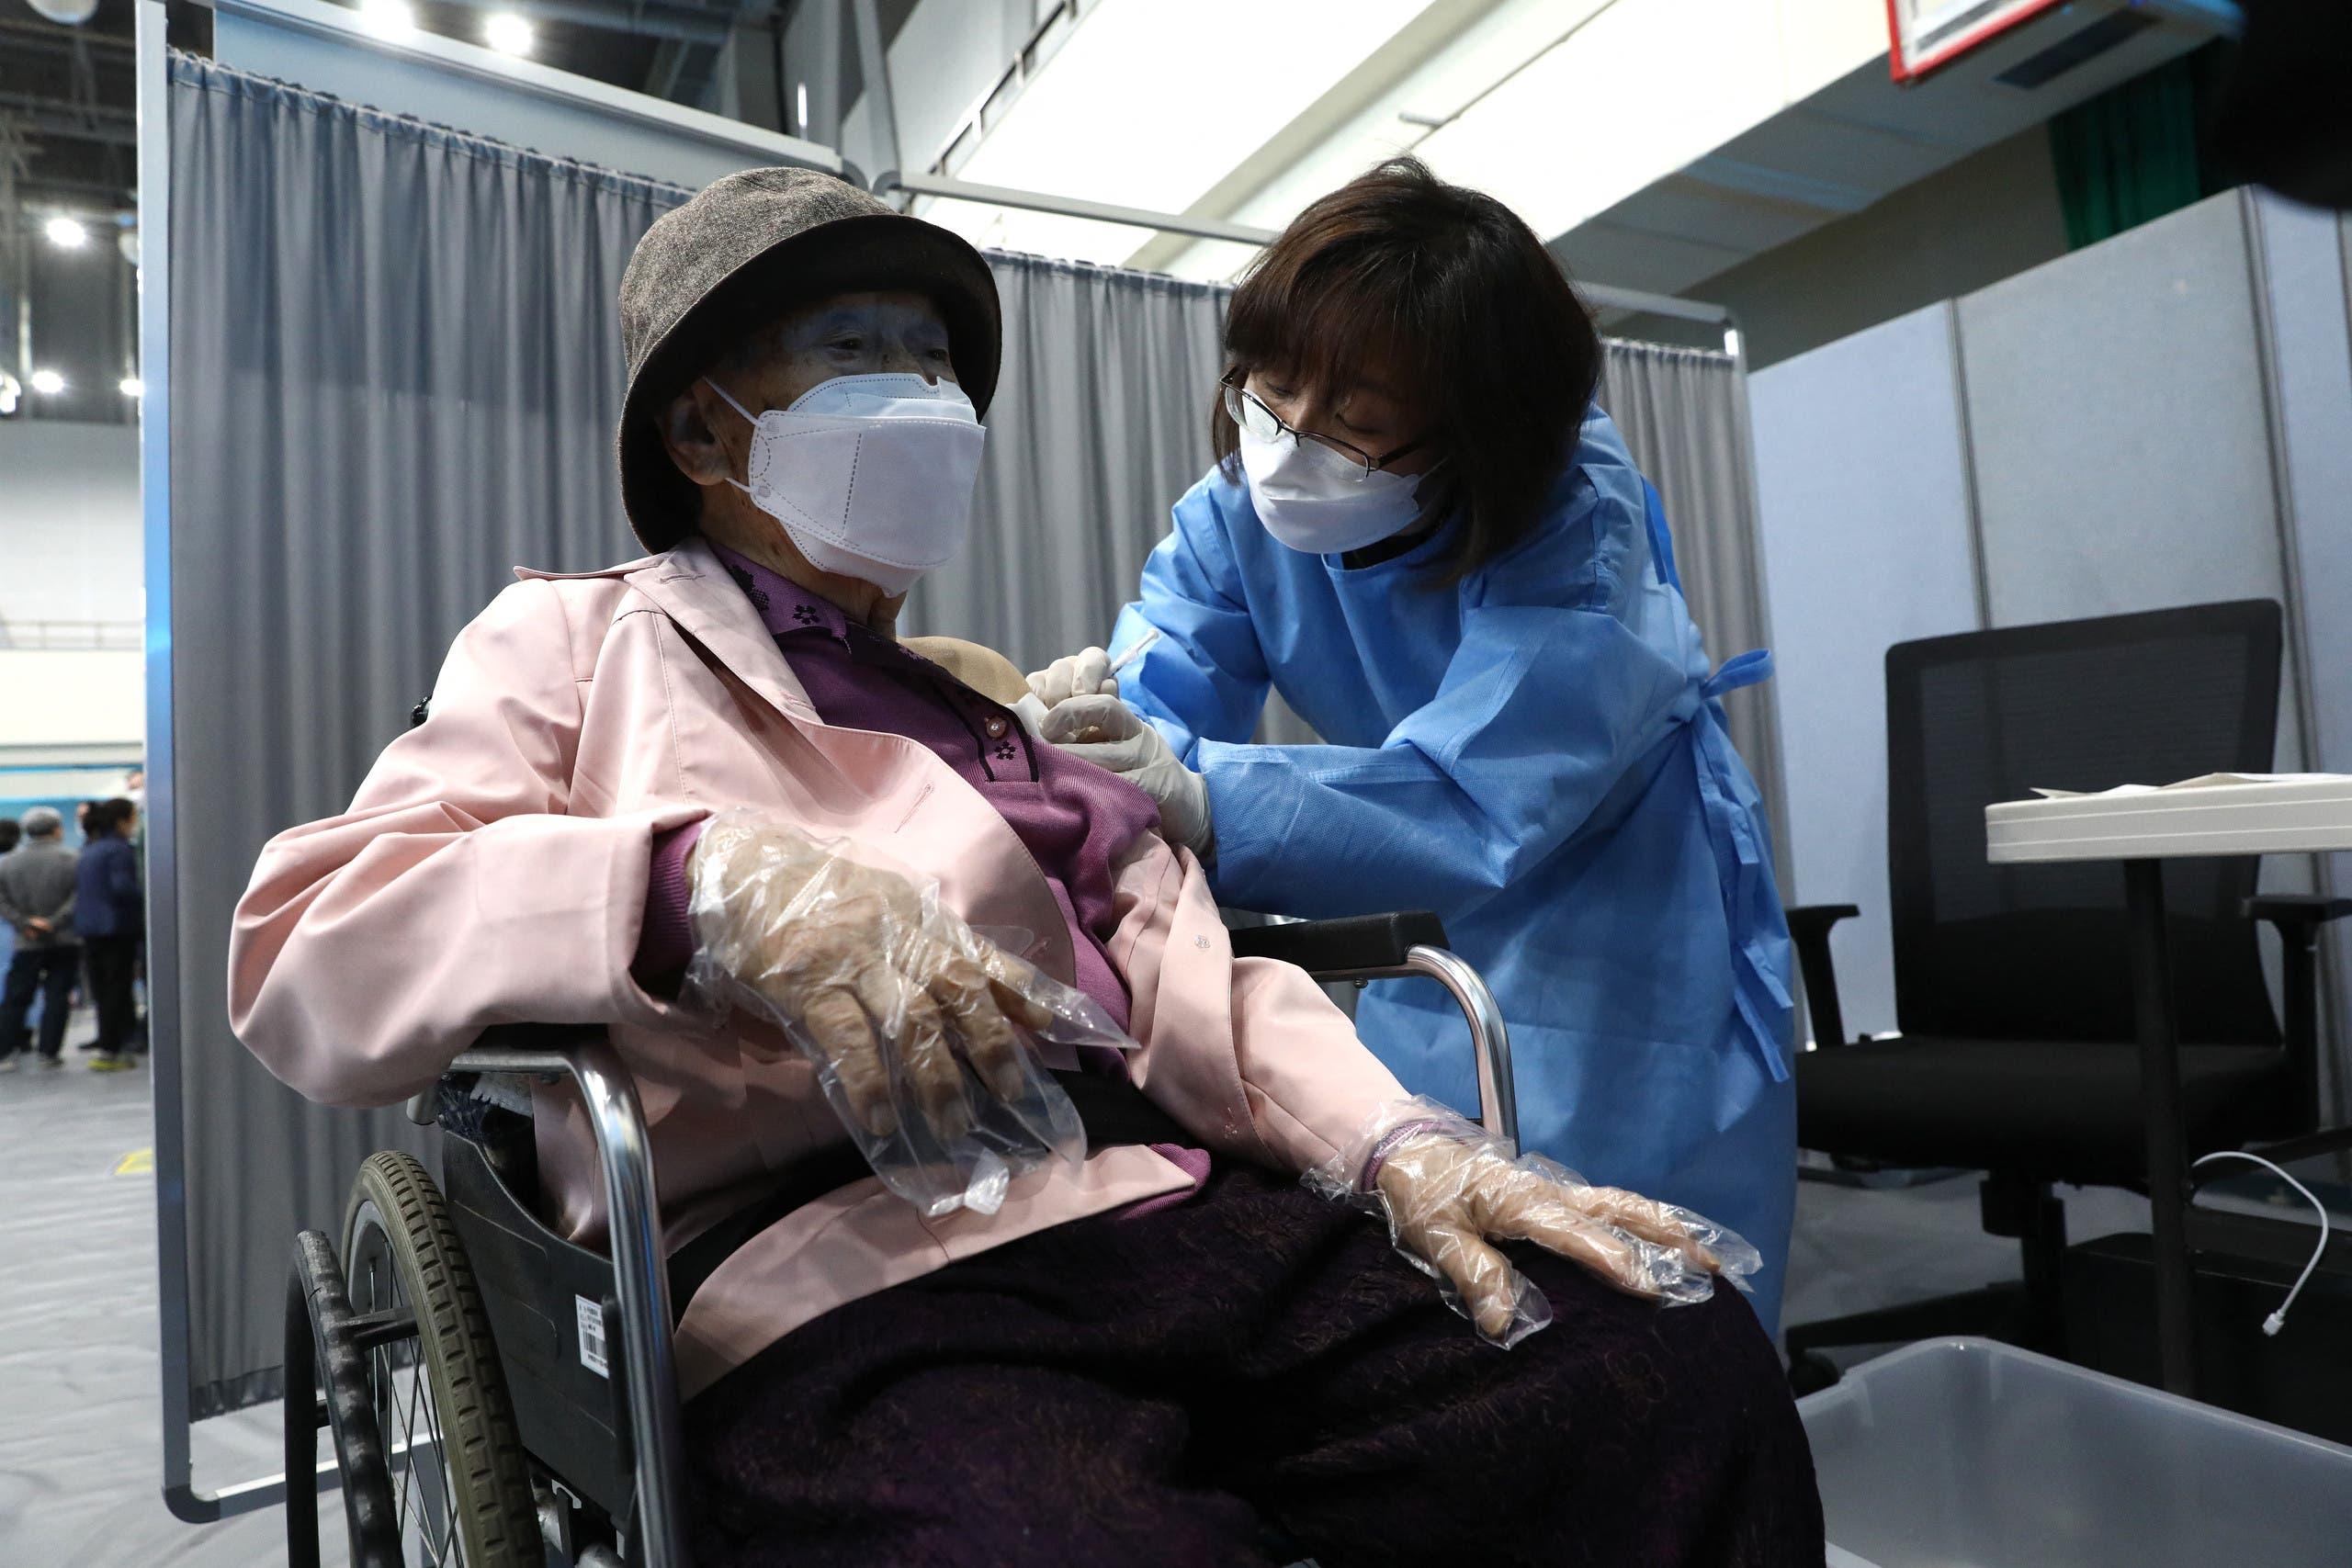 من حملة التطعيم ضد كورونا في كوريا الجنوبية